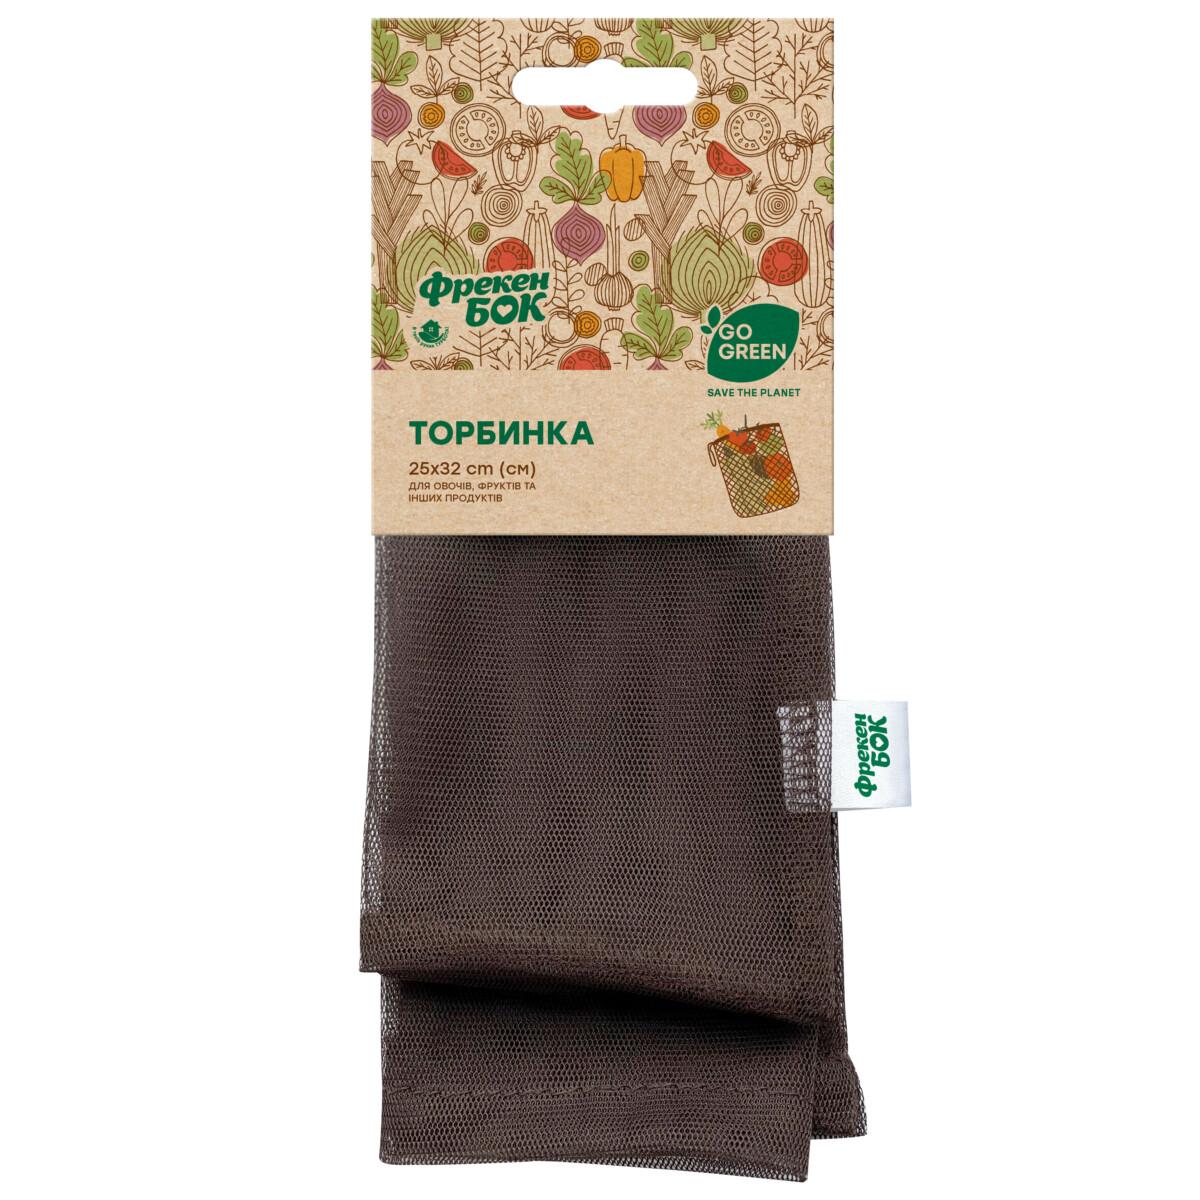 Фрекен БОК торбинка GO GREEN для овочів та фруктів 25х32 см.- Фото - Biosphere